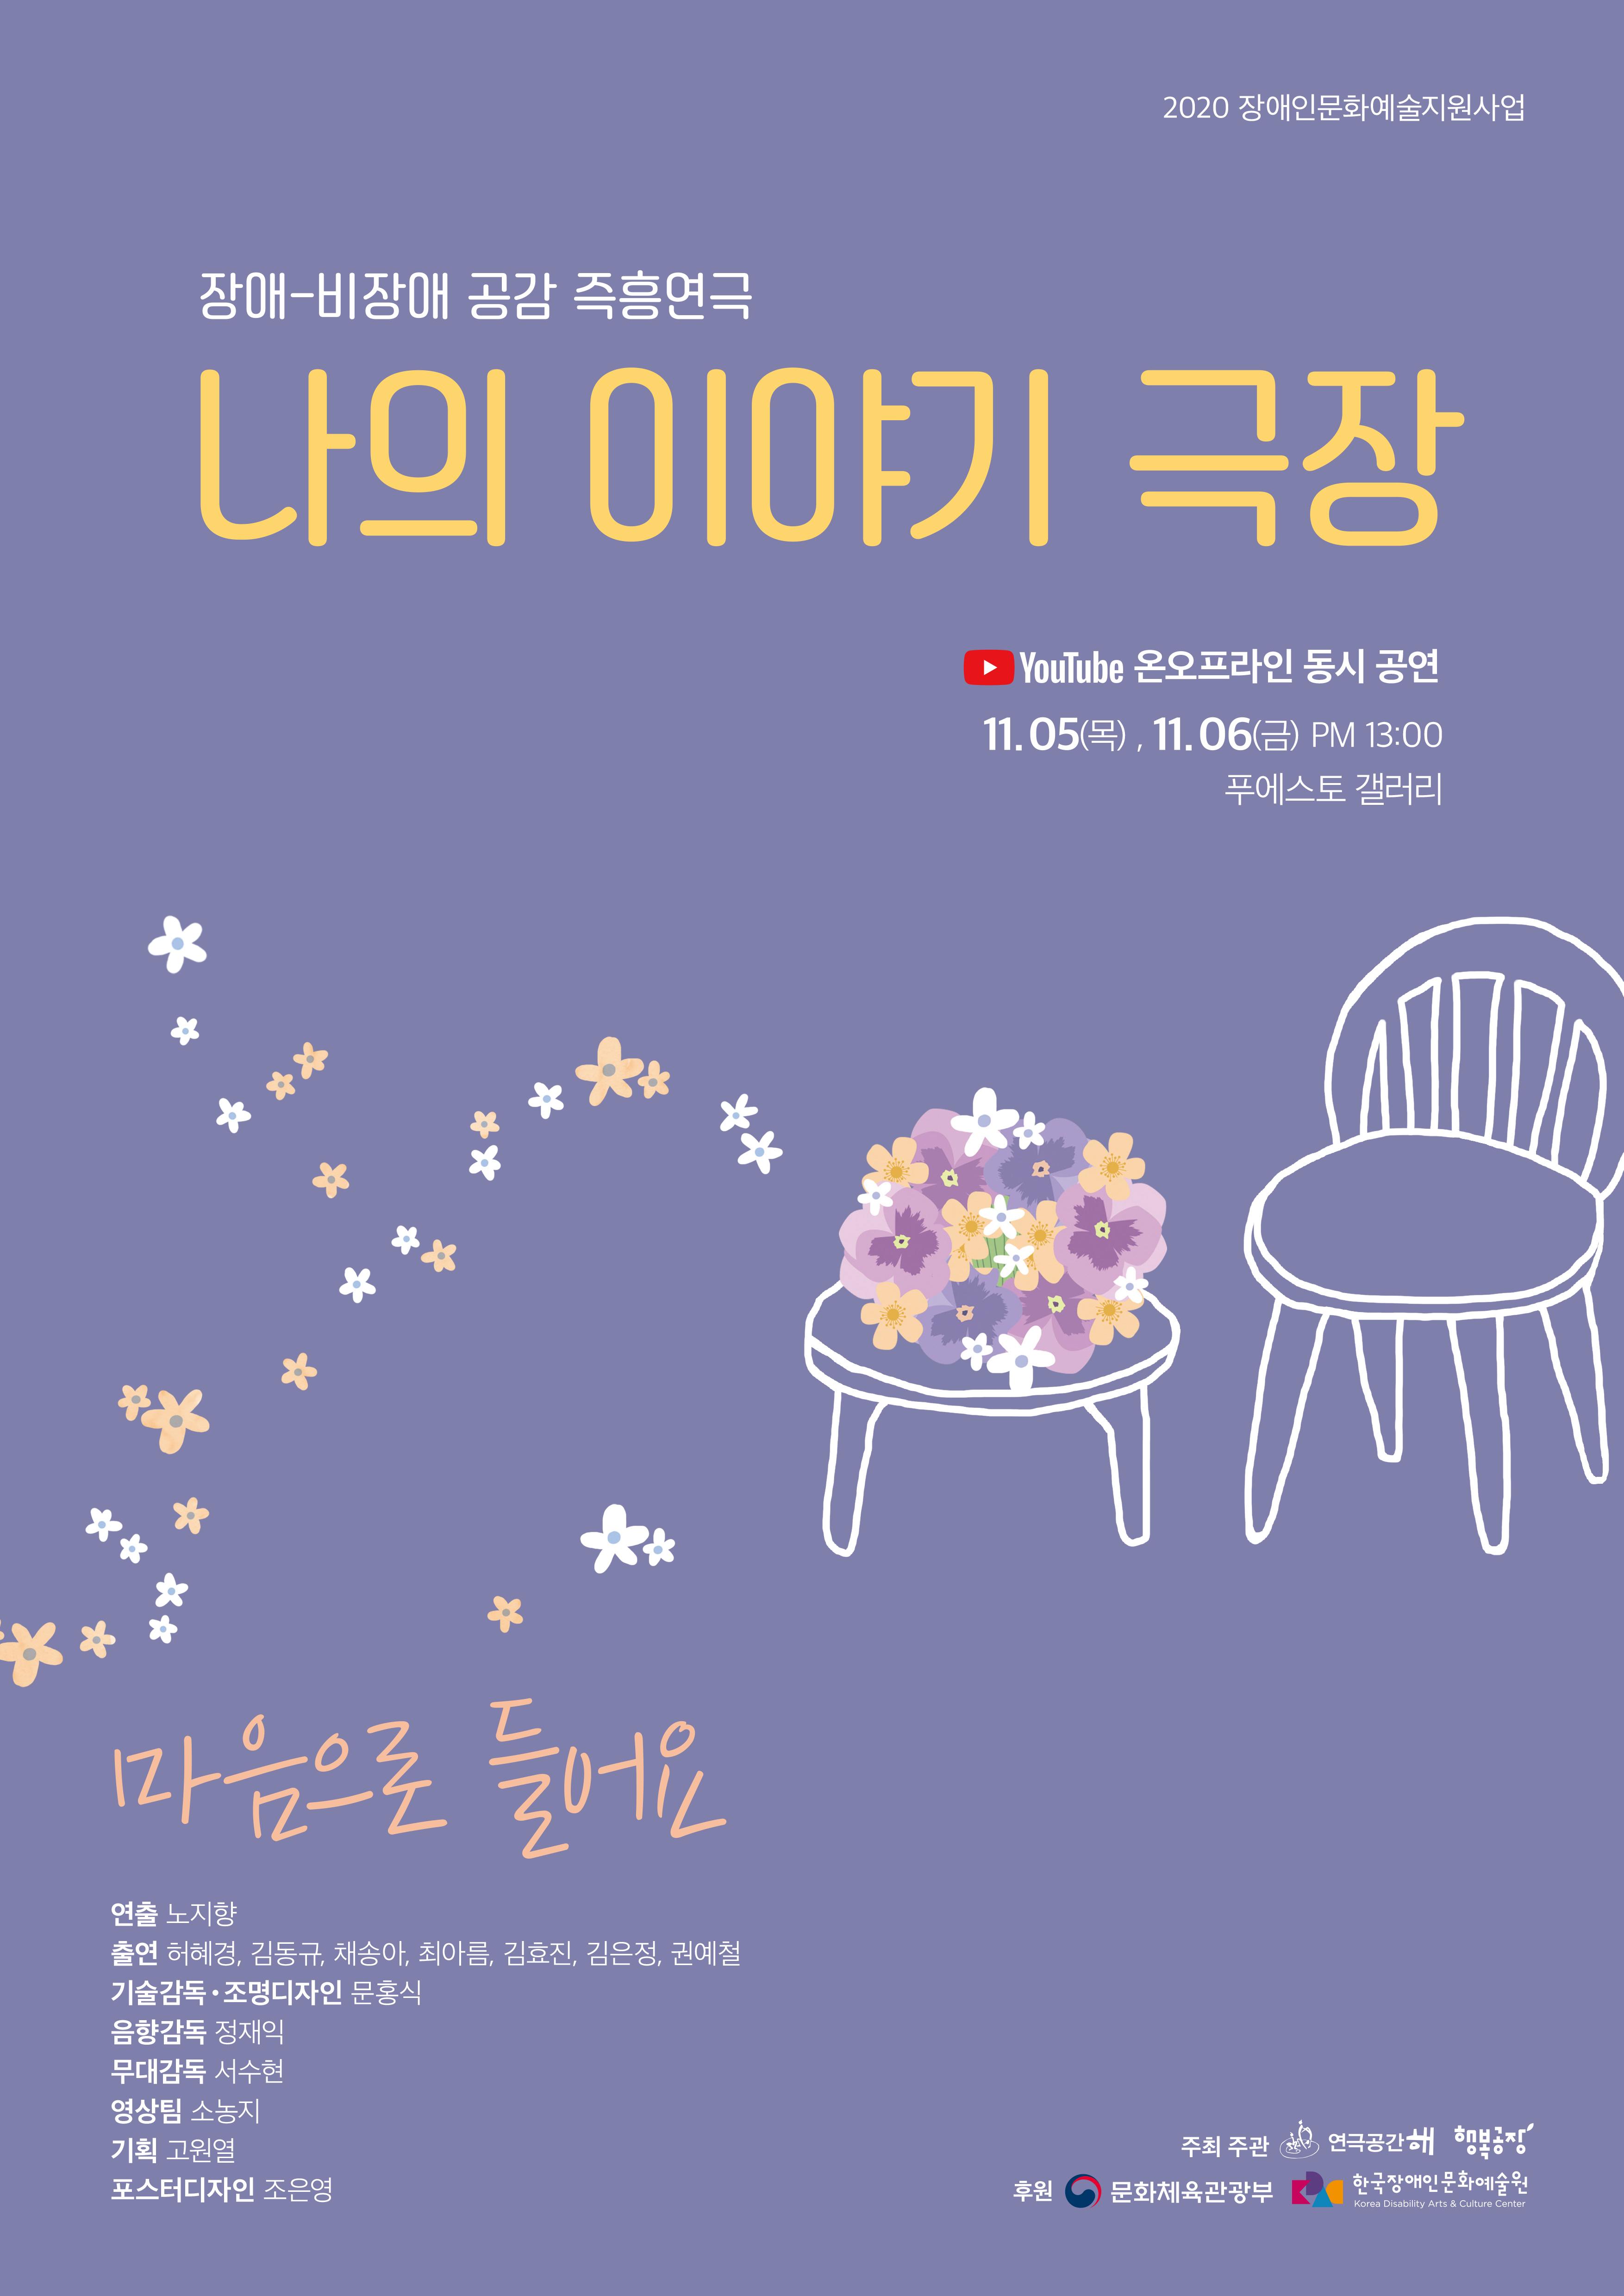 1021_나의 이야기 극장 공연 포스터.jpg